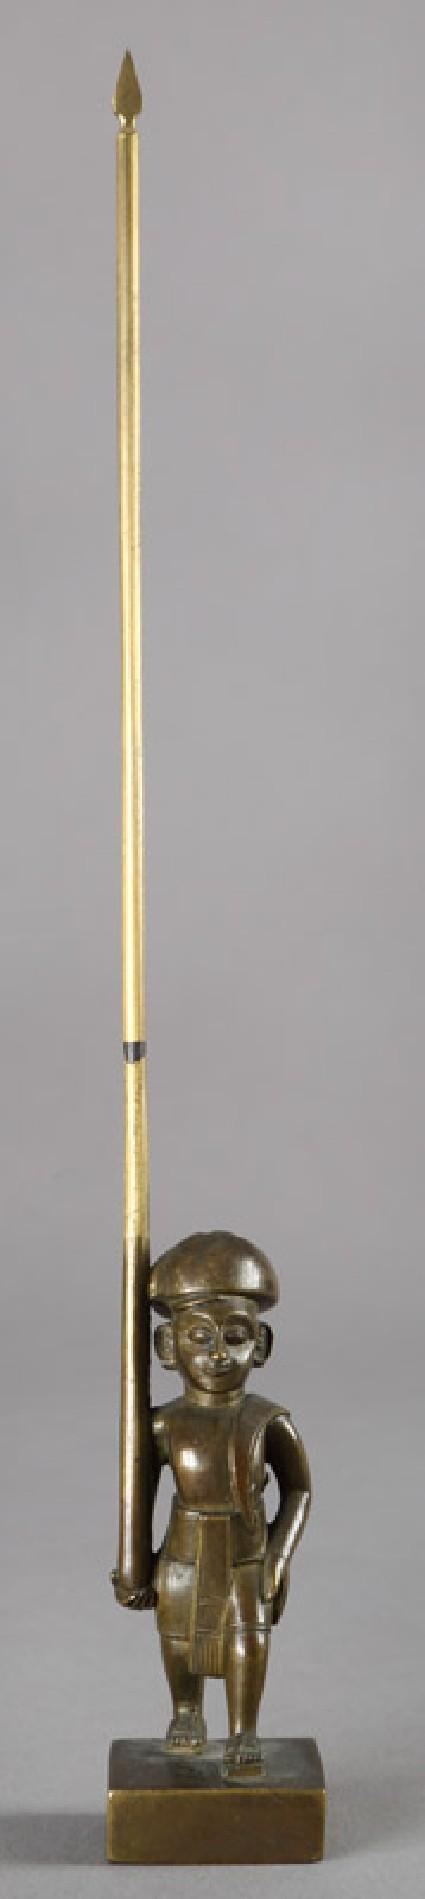 EA1977.10.c, front